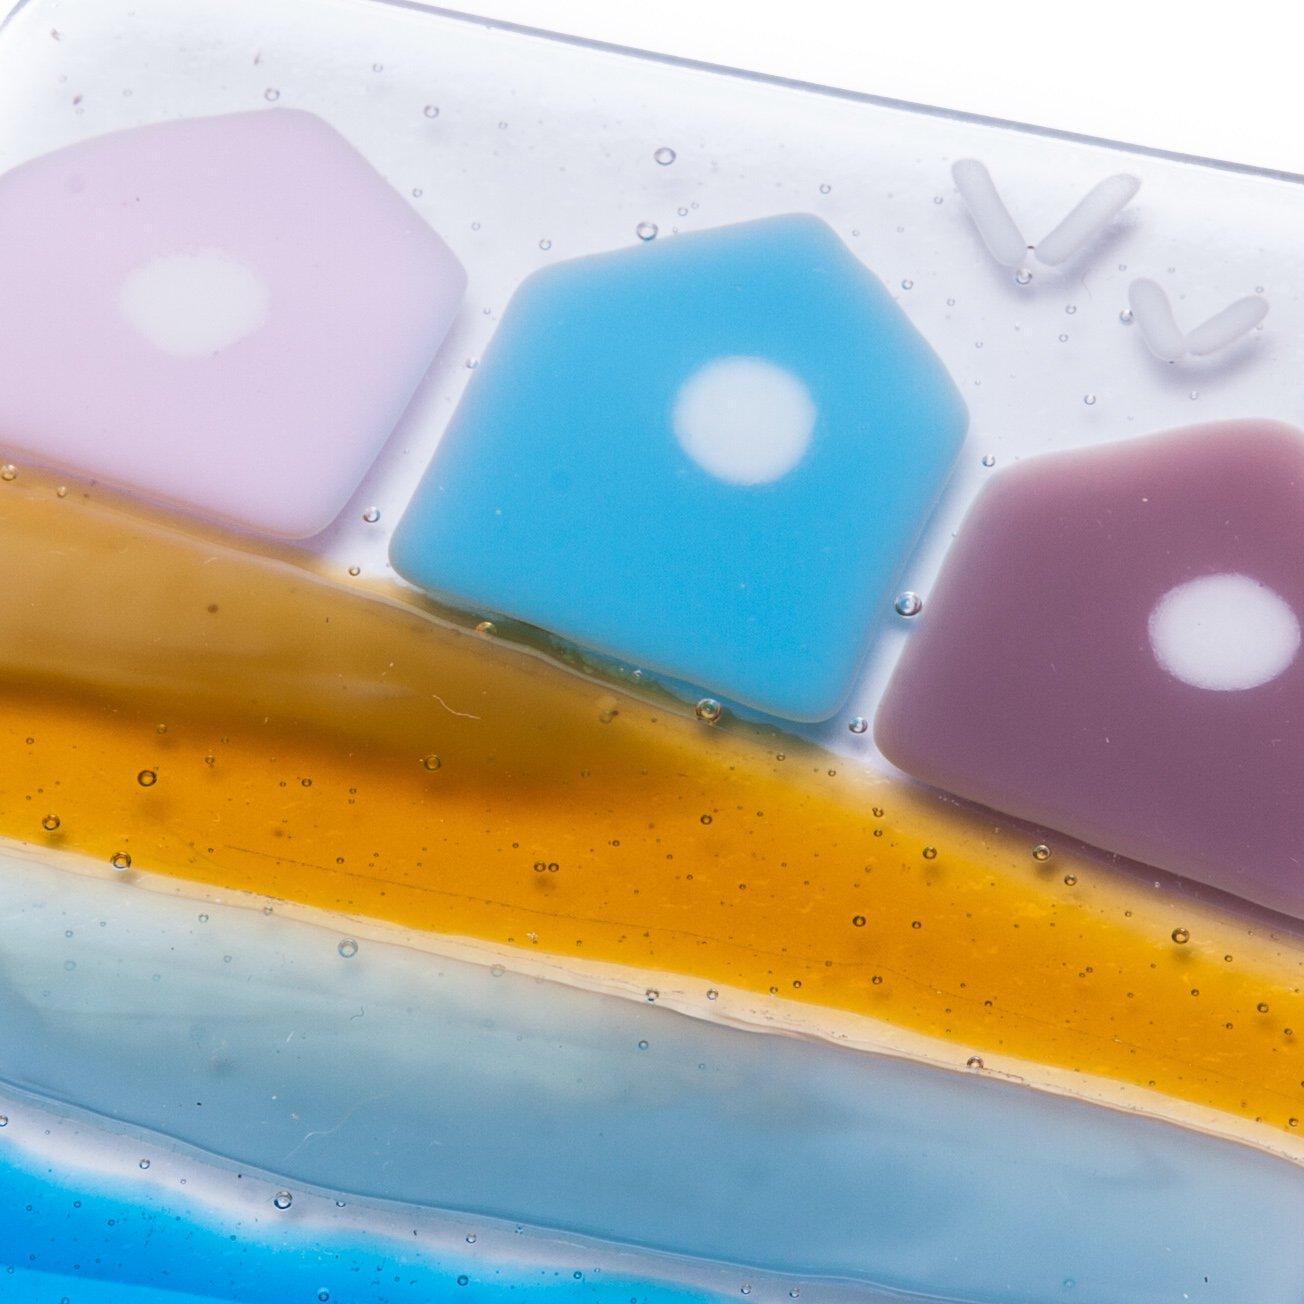 Compra Diseño de casetas de playa fused posavasos de cristal art - Hand-fabricado en East Sussex, England en Amazon.es